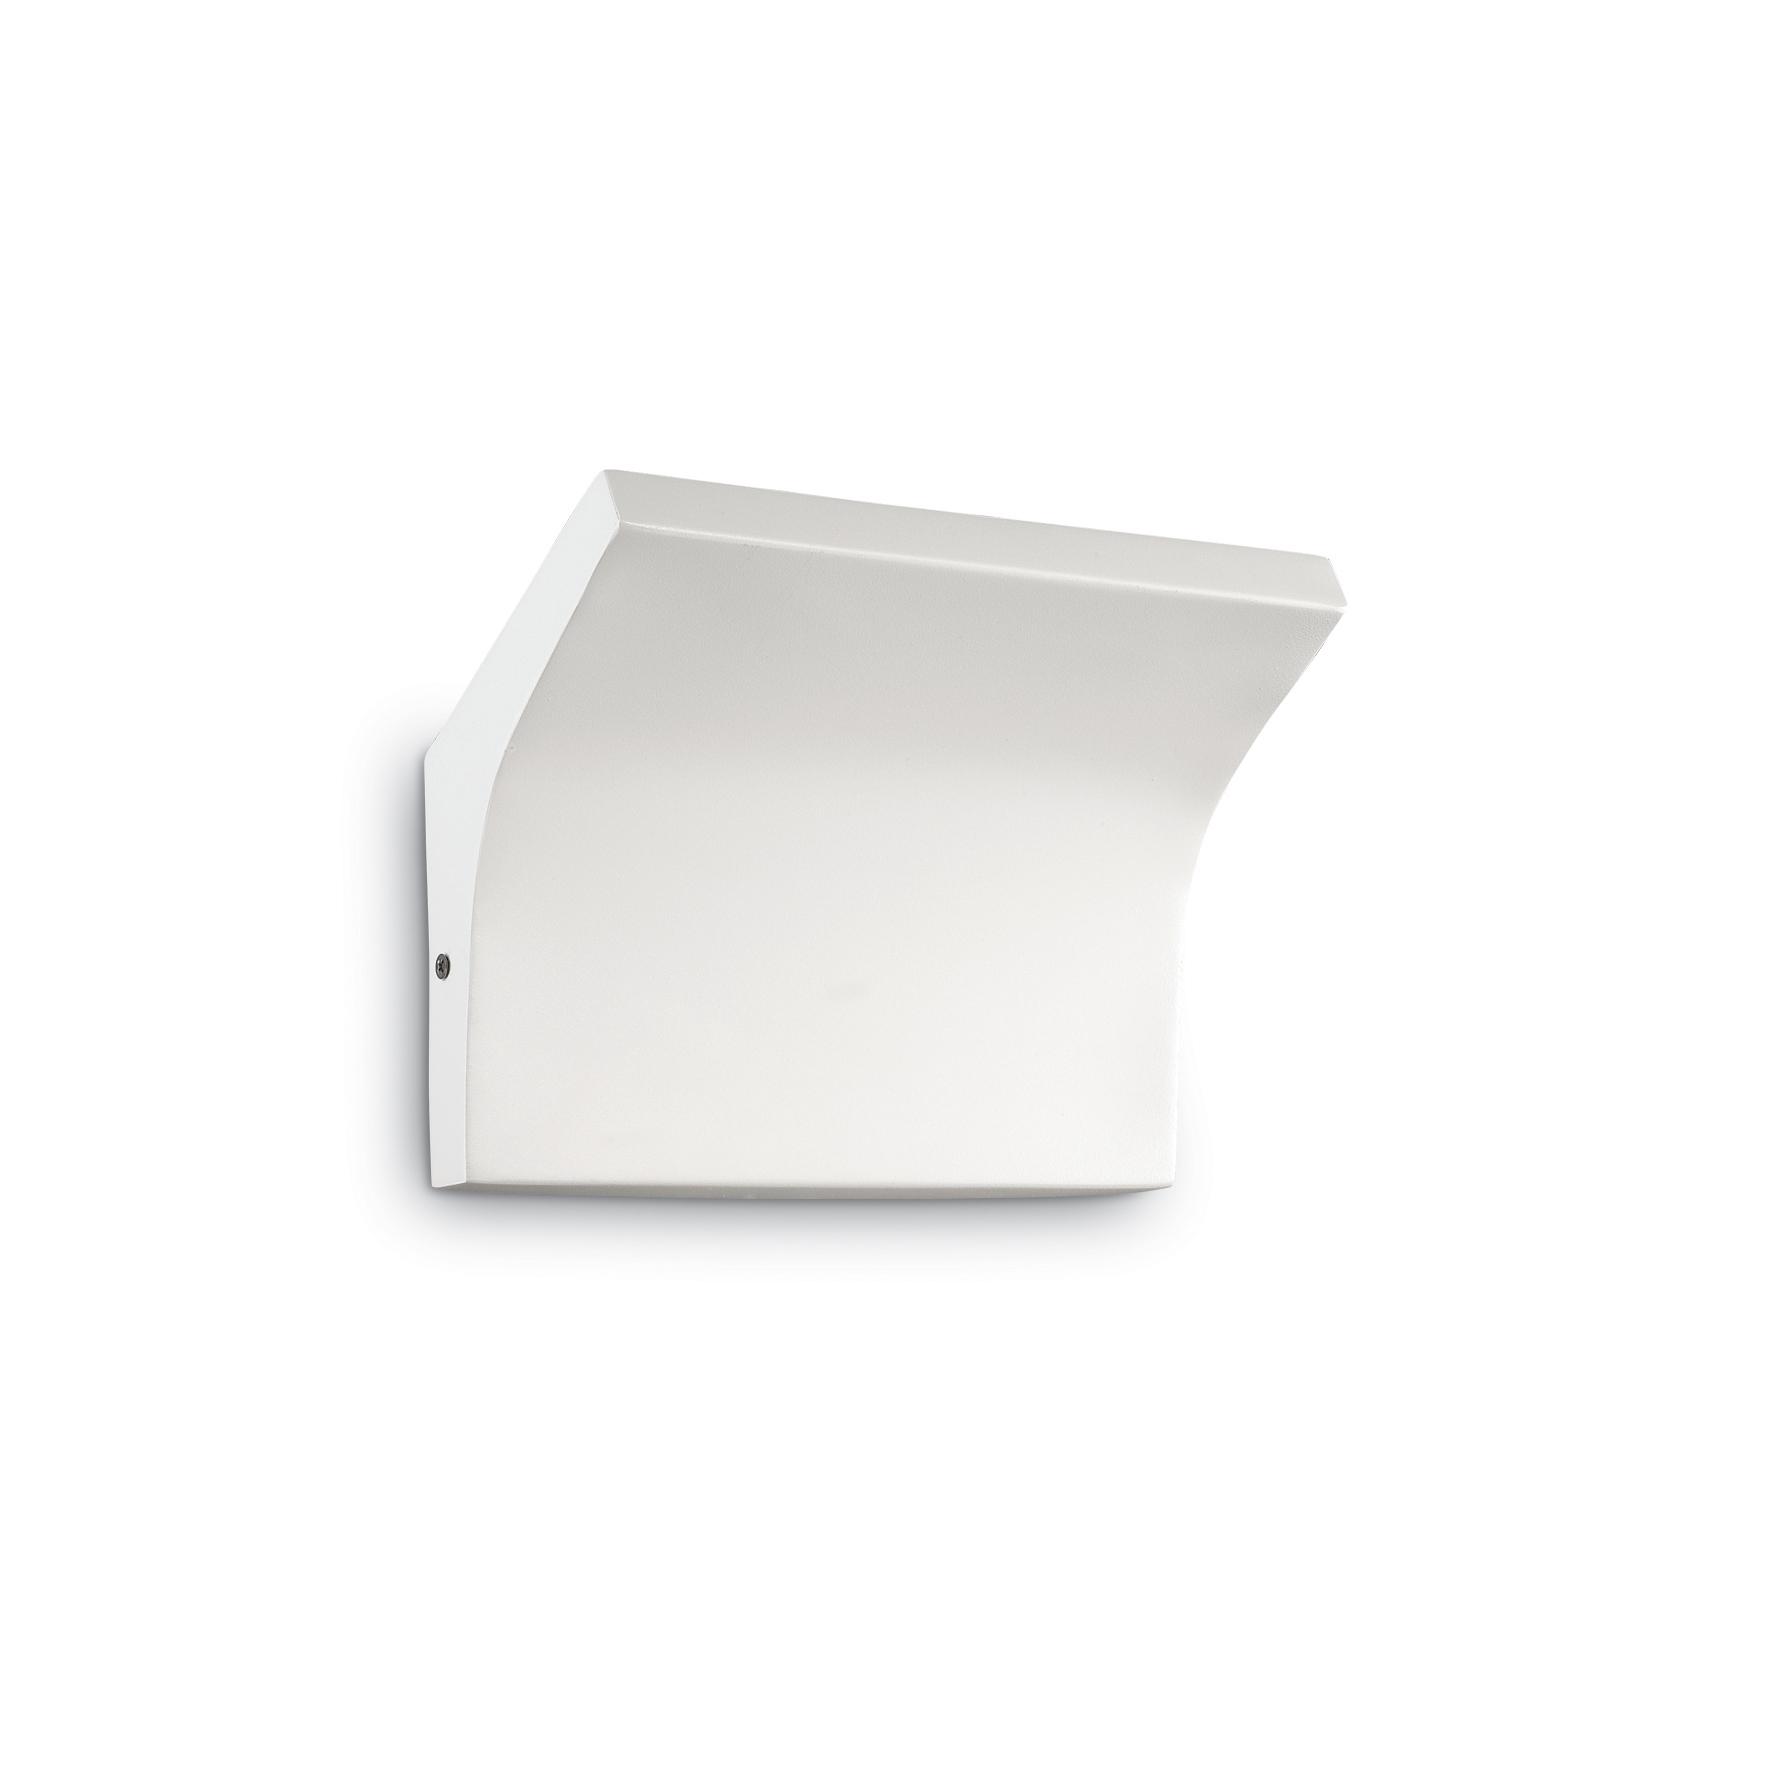 Aplica Commodore AP2 White